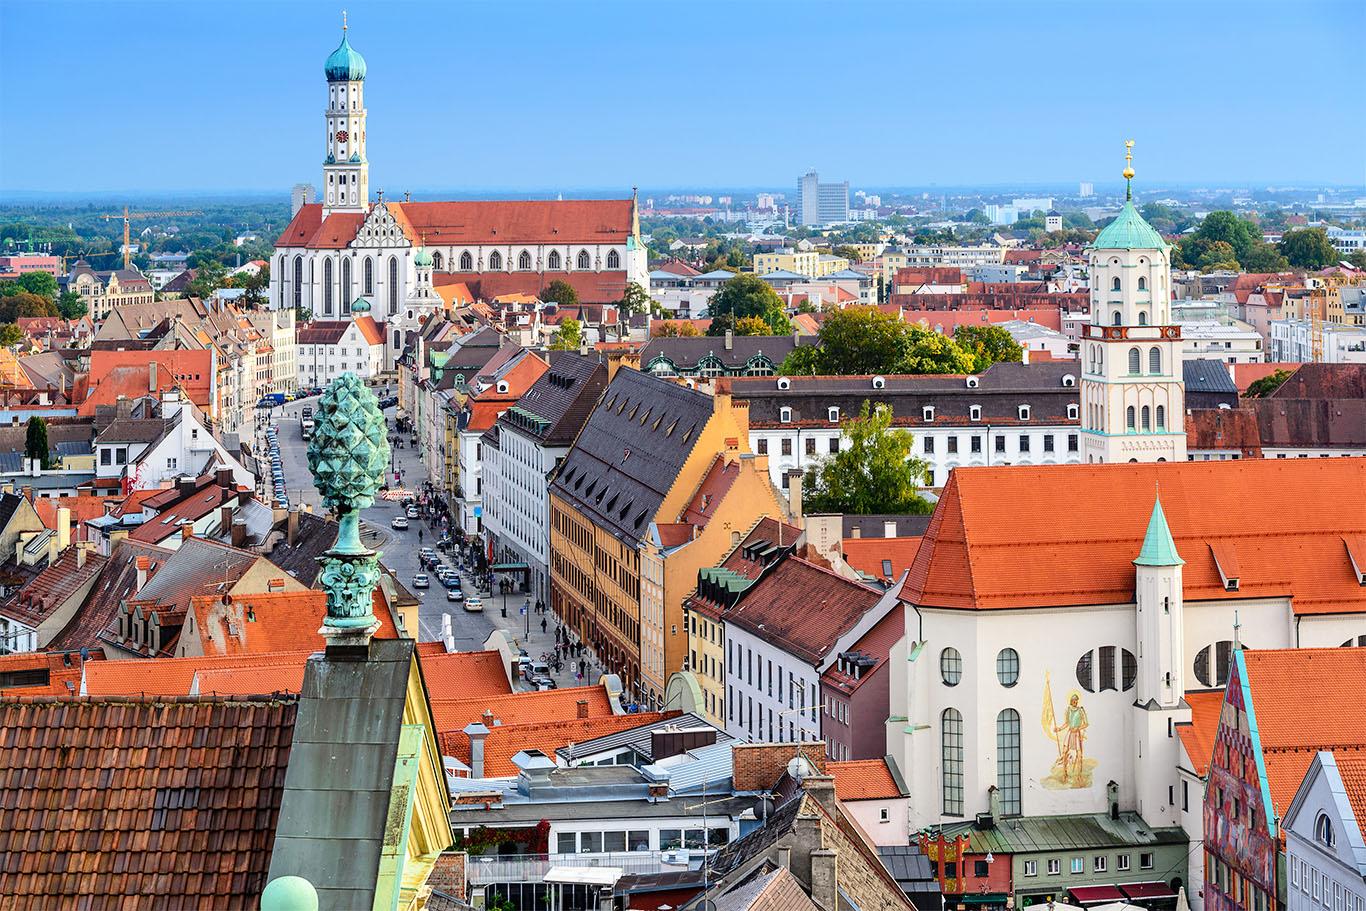 Urlaub-in-Deutschland-Augsburg